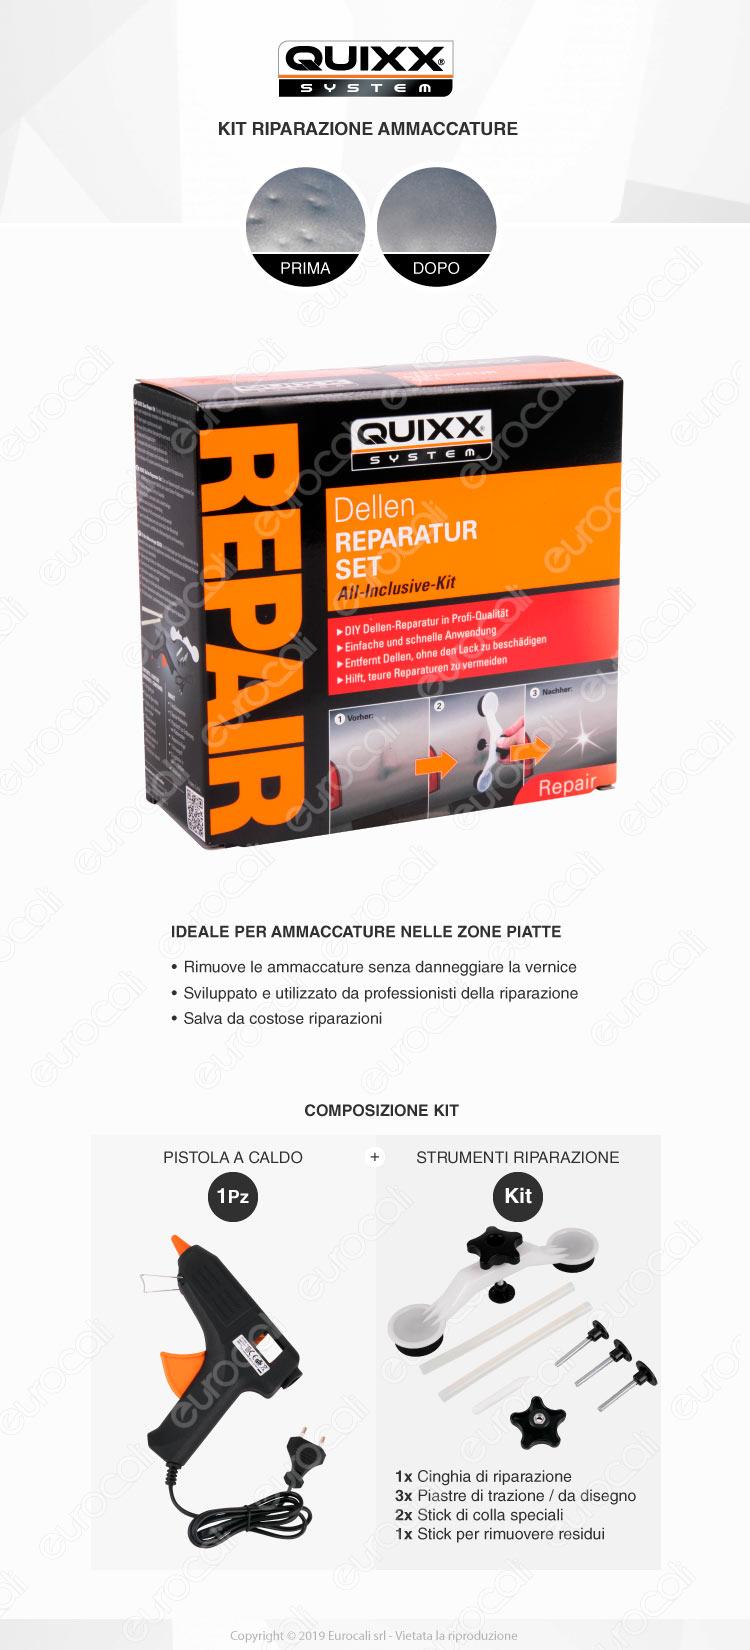 Quixx System Kit Riparazione Ammaccature